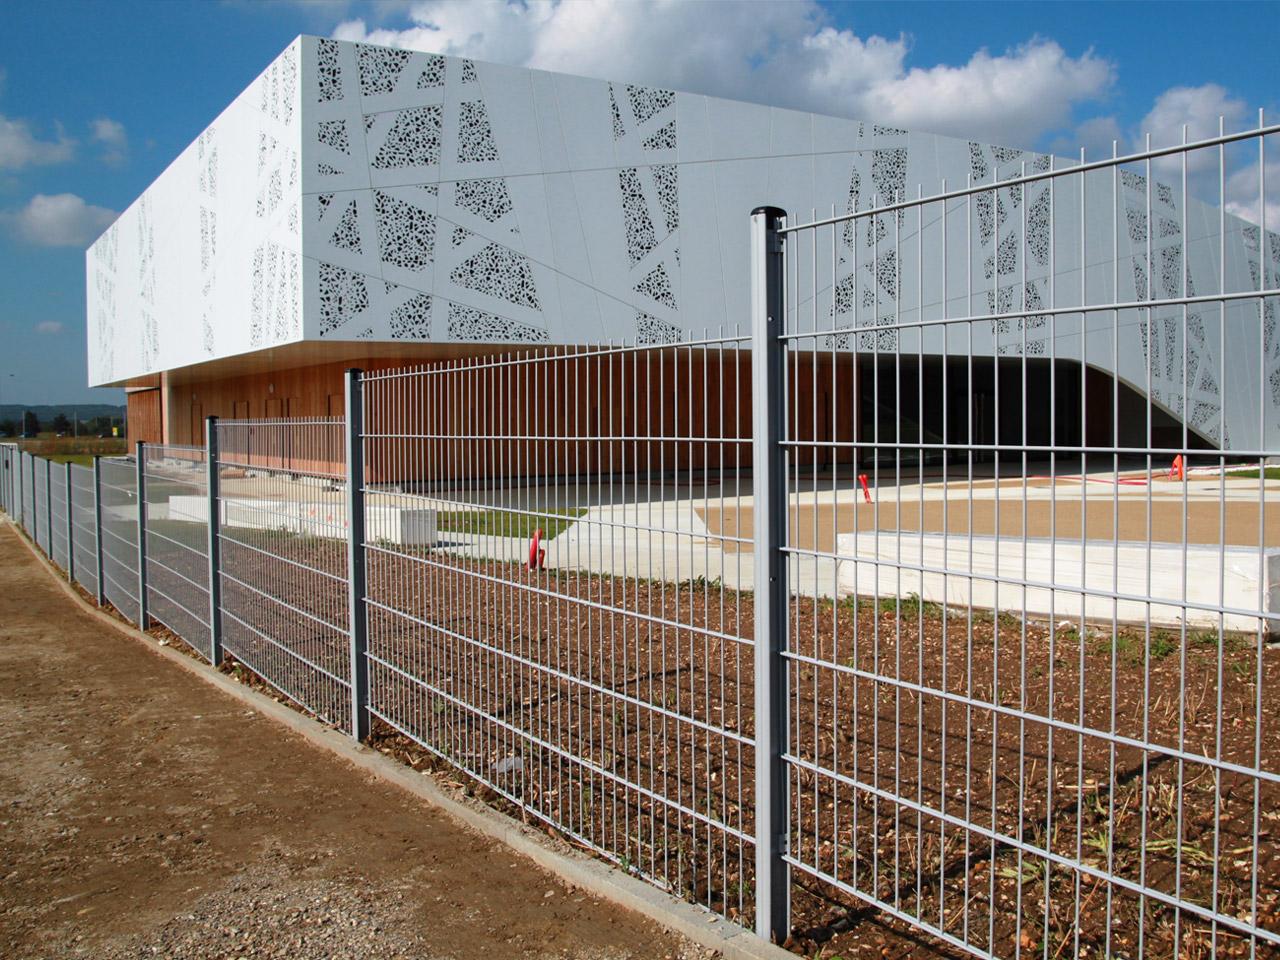 Salle omnisports – Buchelay 78